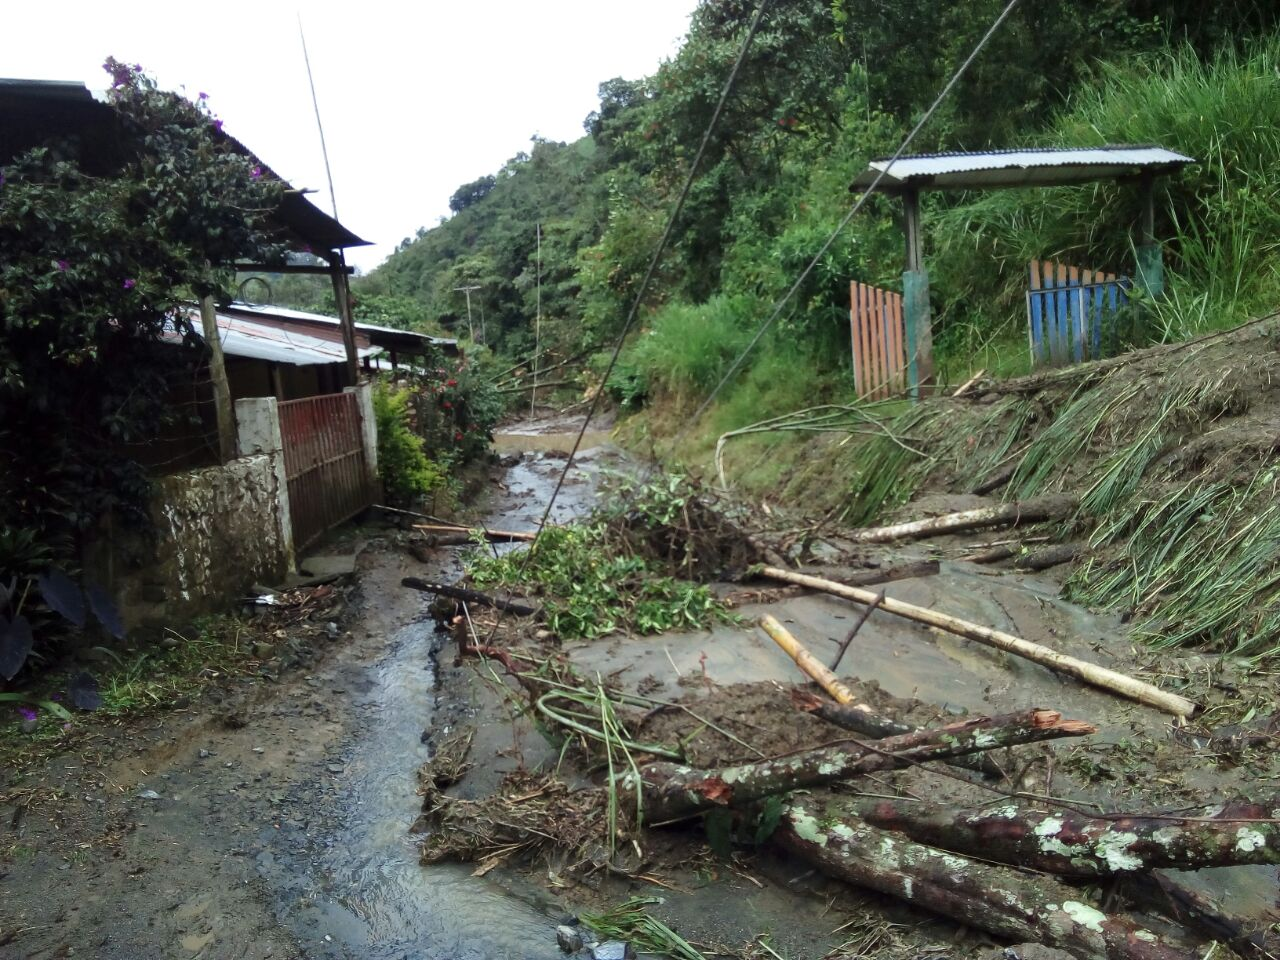 20 municipios del Valle, afectados por las fuertes lluvias